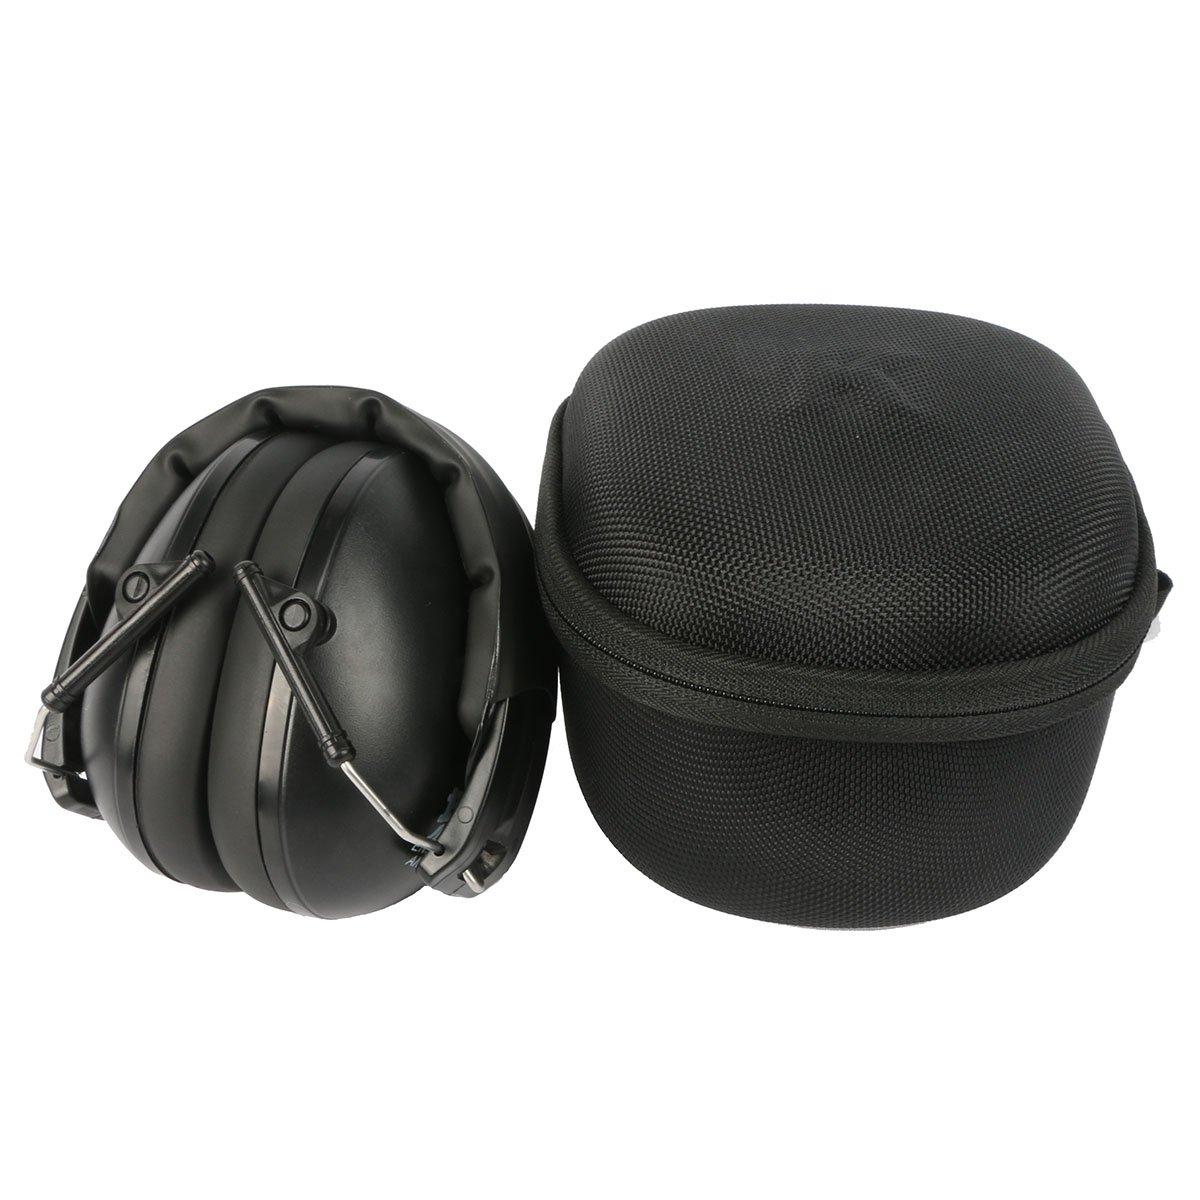 Para Orejeras Electrónicas para Caza 3M PELTOR SportTac protector auditivo EVA Duro Viaje Estuche Bolso Funda by Khanka: Amazon.es: Electrónica